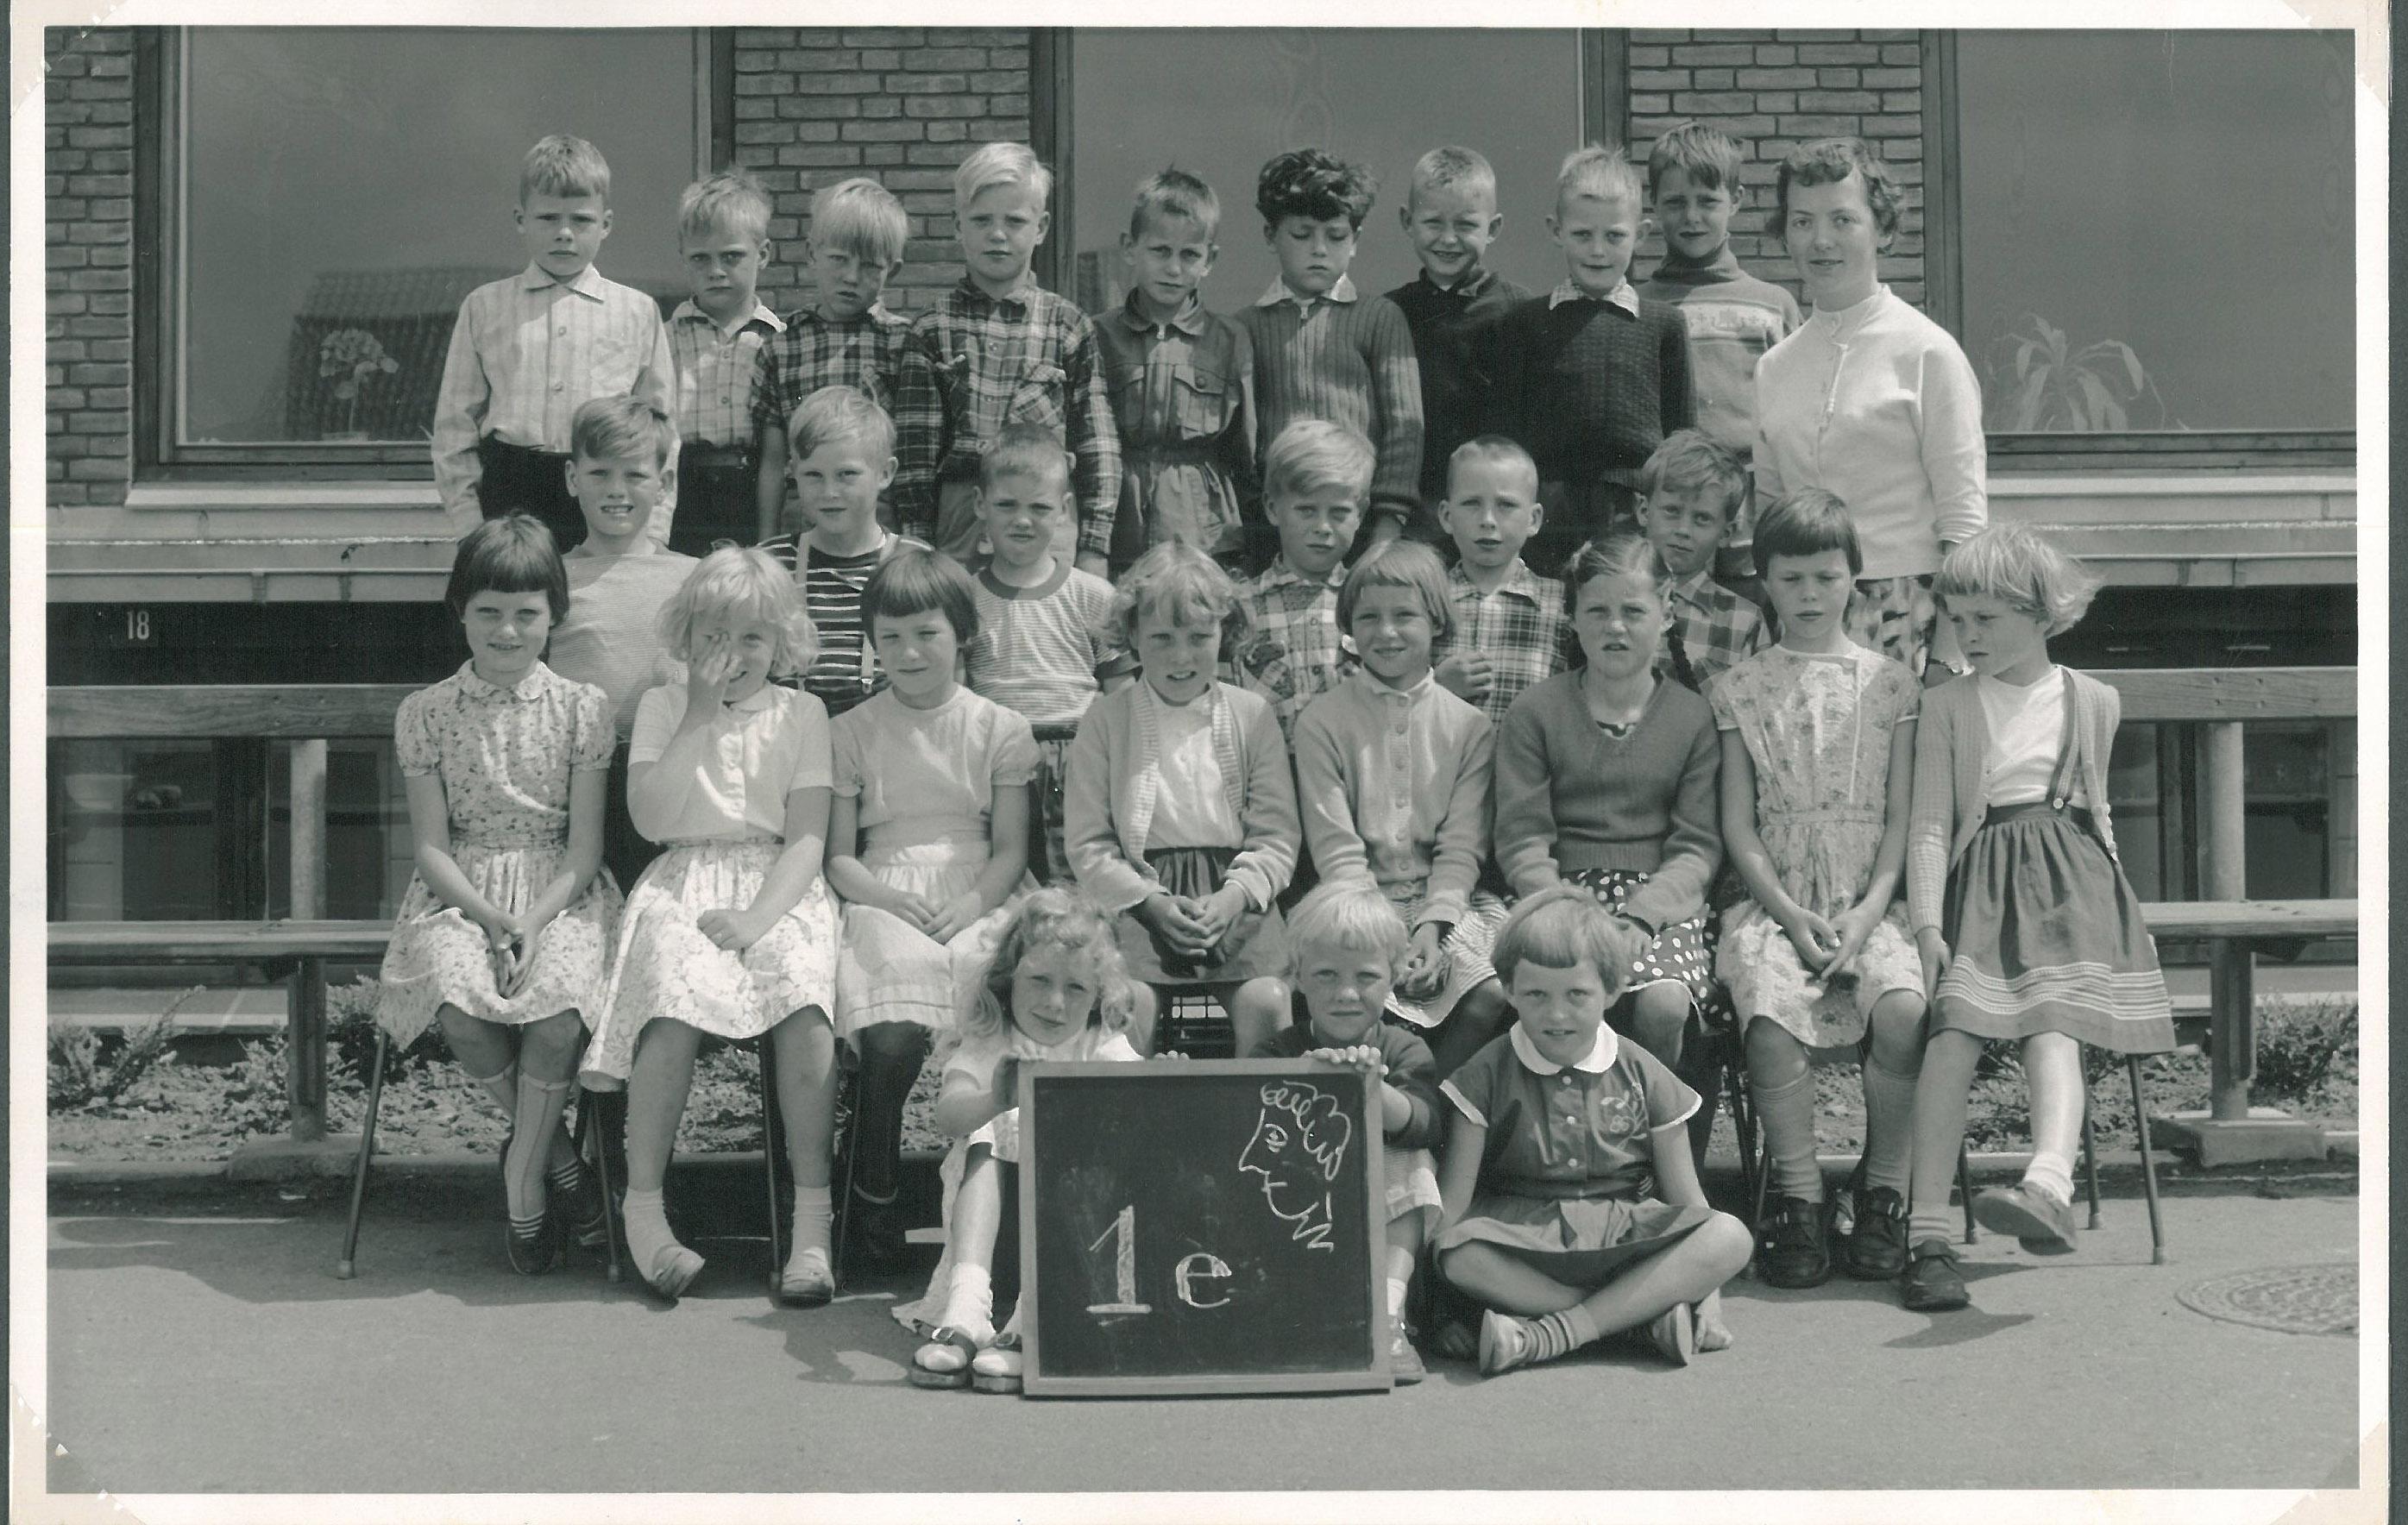 Skolebillede fra Borgerdigeskolen foråret 1959